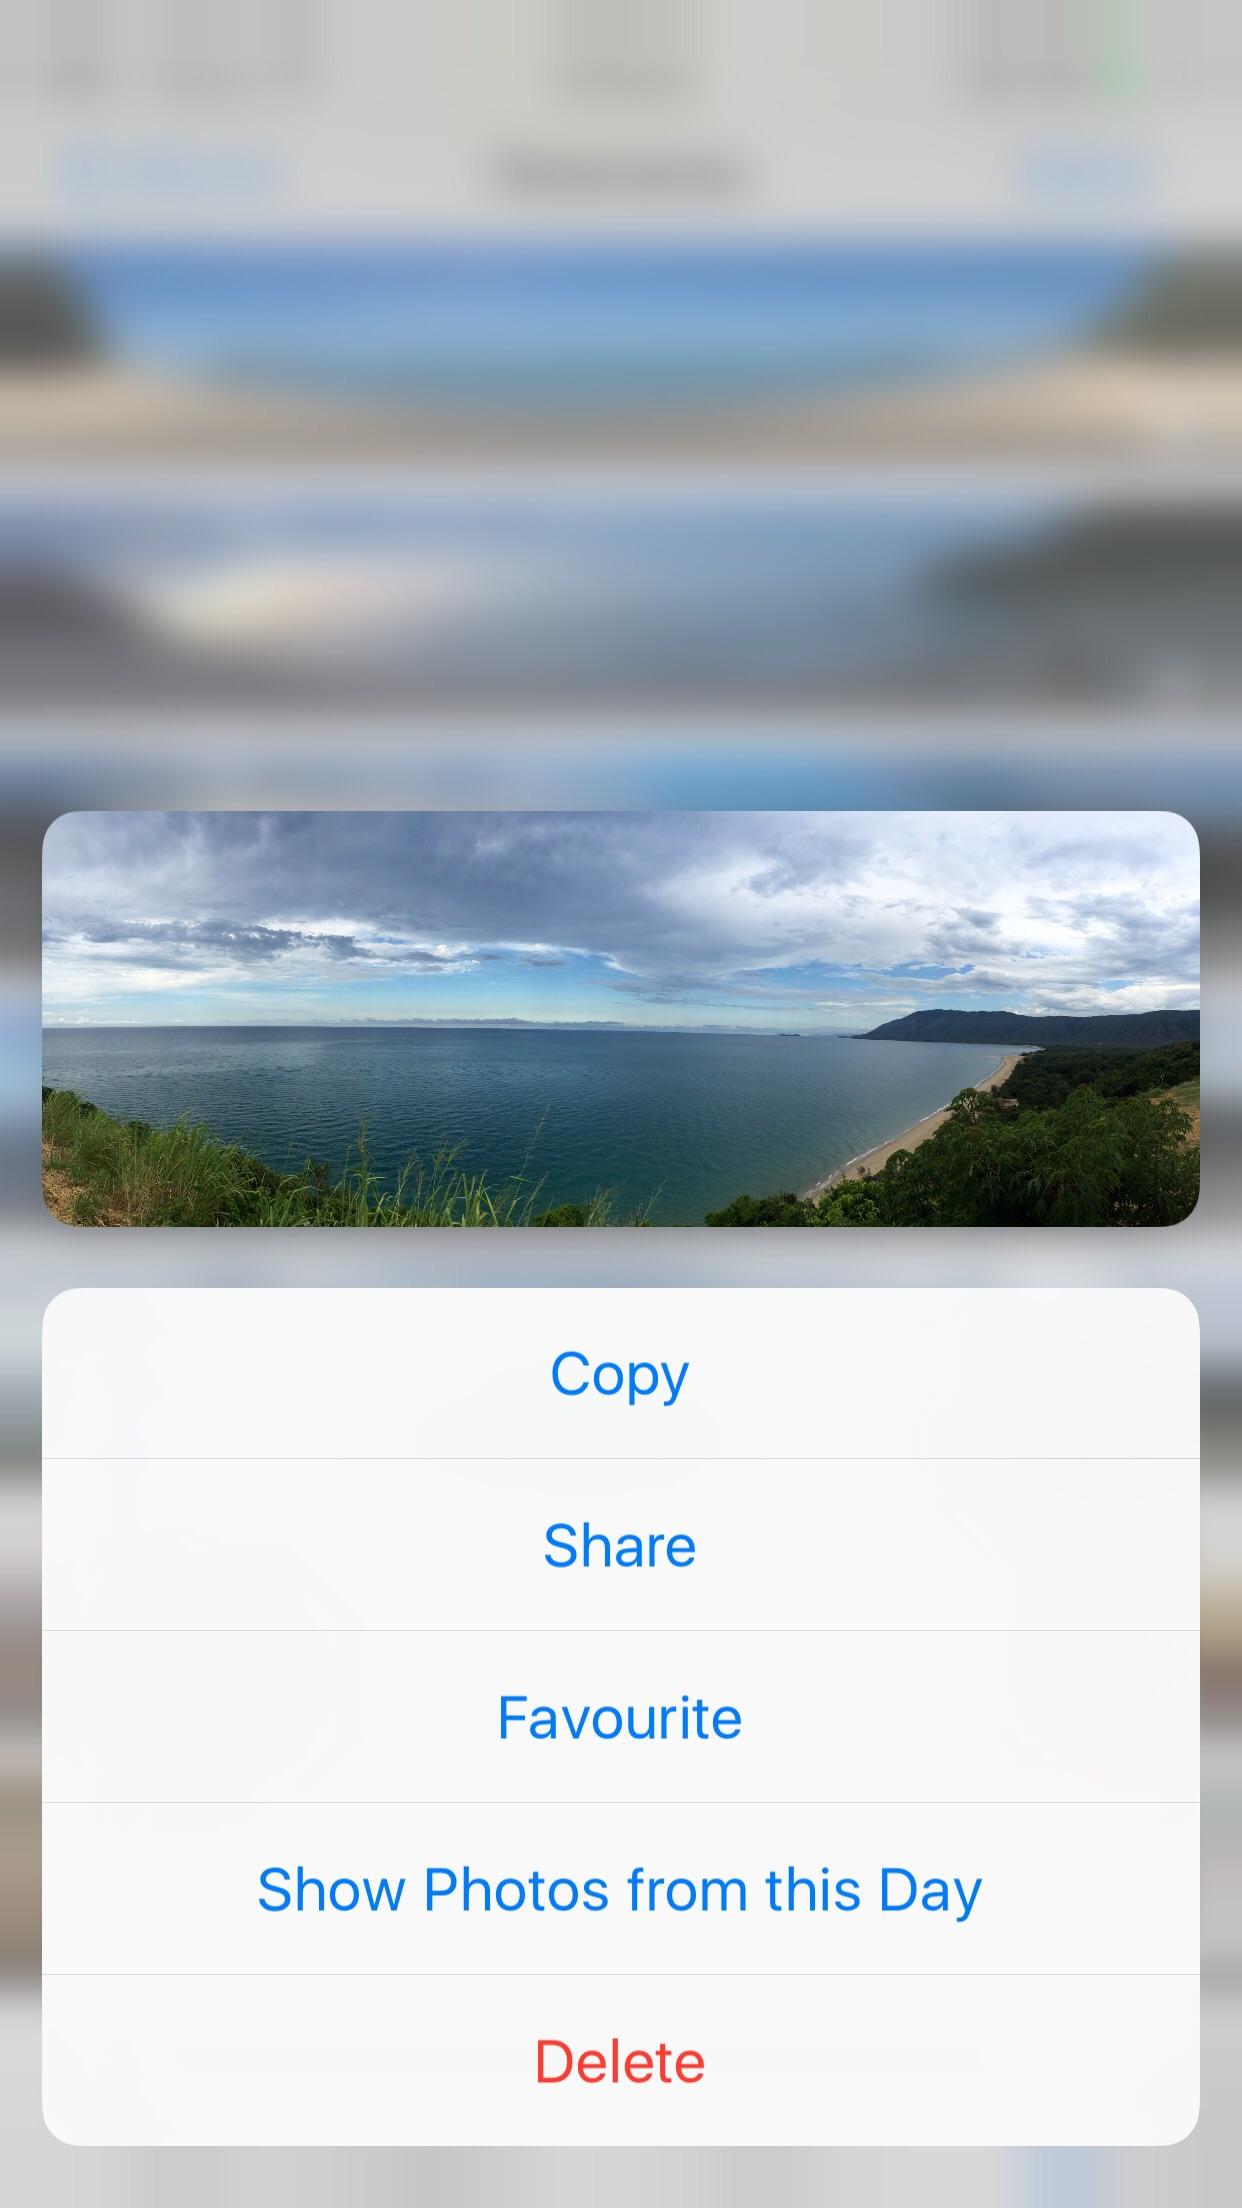 iphone tute mostrar todas las fotos de esta captura de pantalla del día